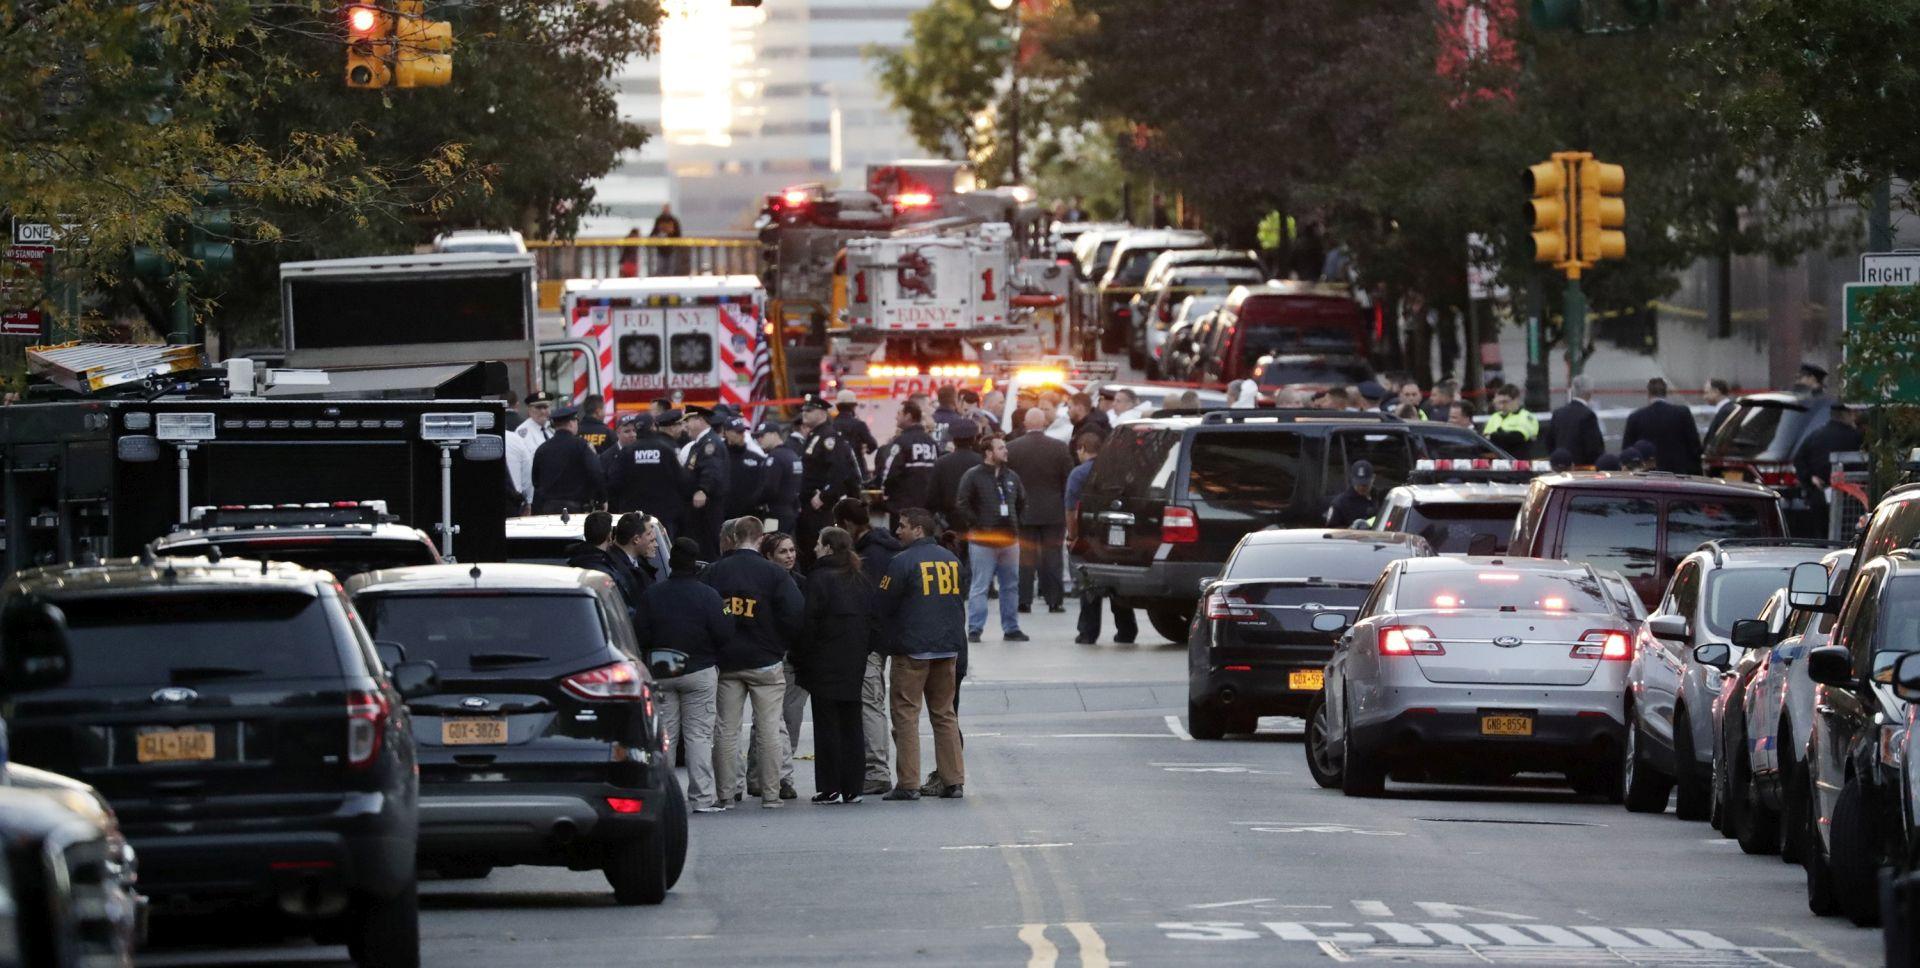 Tužitelji traže smrtnu kaznu za napadača na biciklističkoj stazi u New Yorku